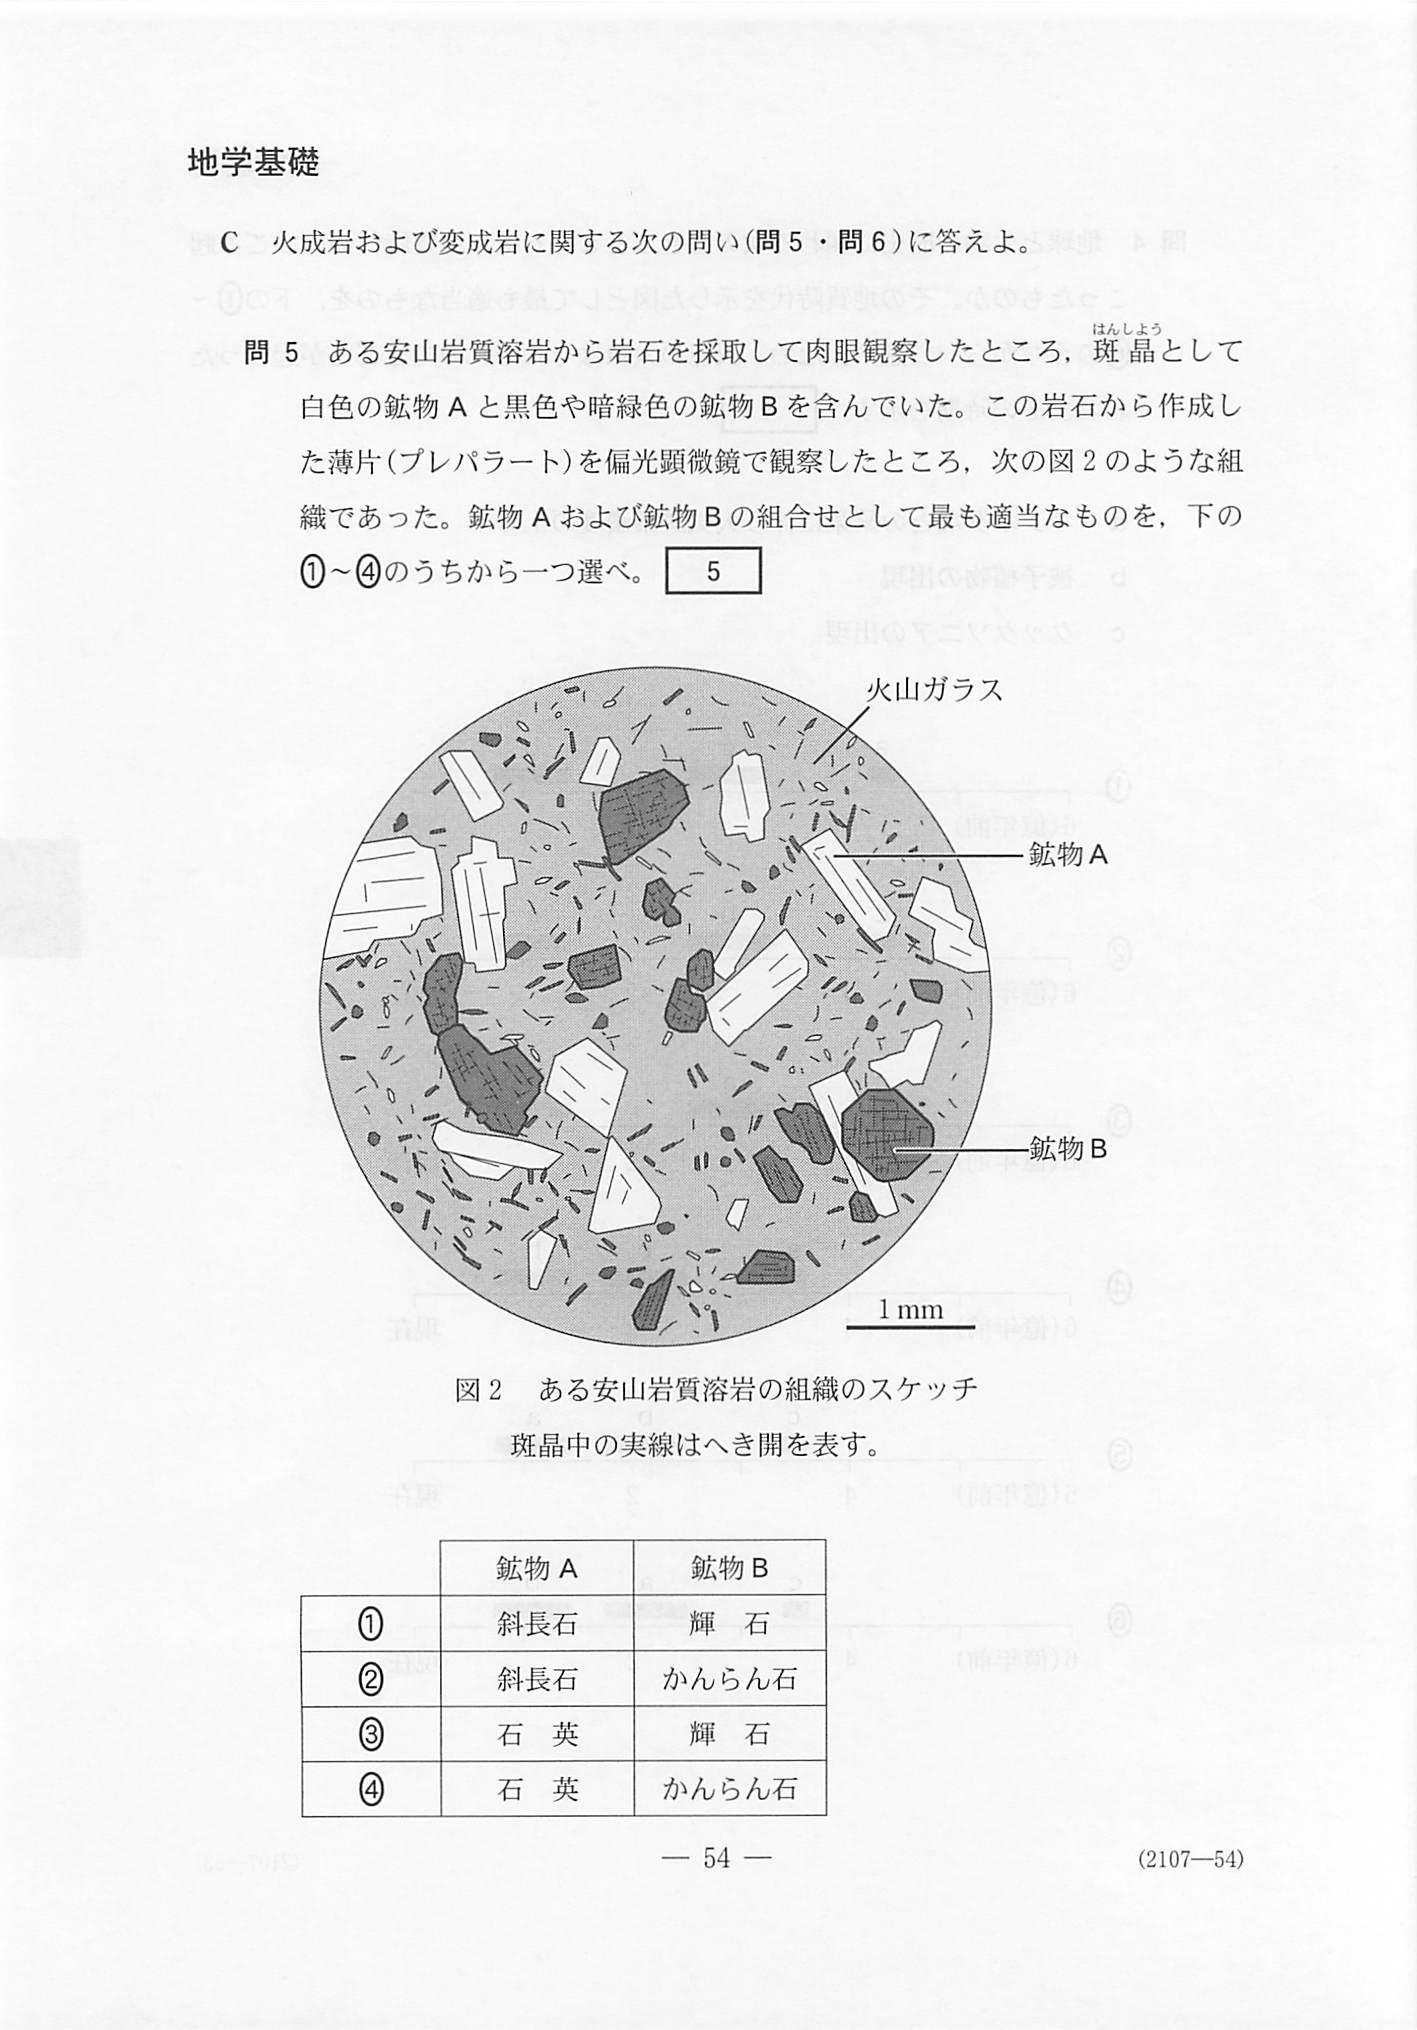 地学基礎 理科Ⅰ|2020年 令和2年 センター試験過去問題